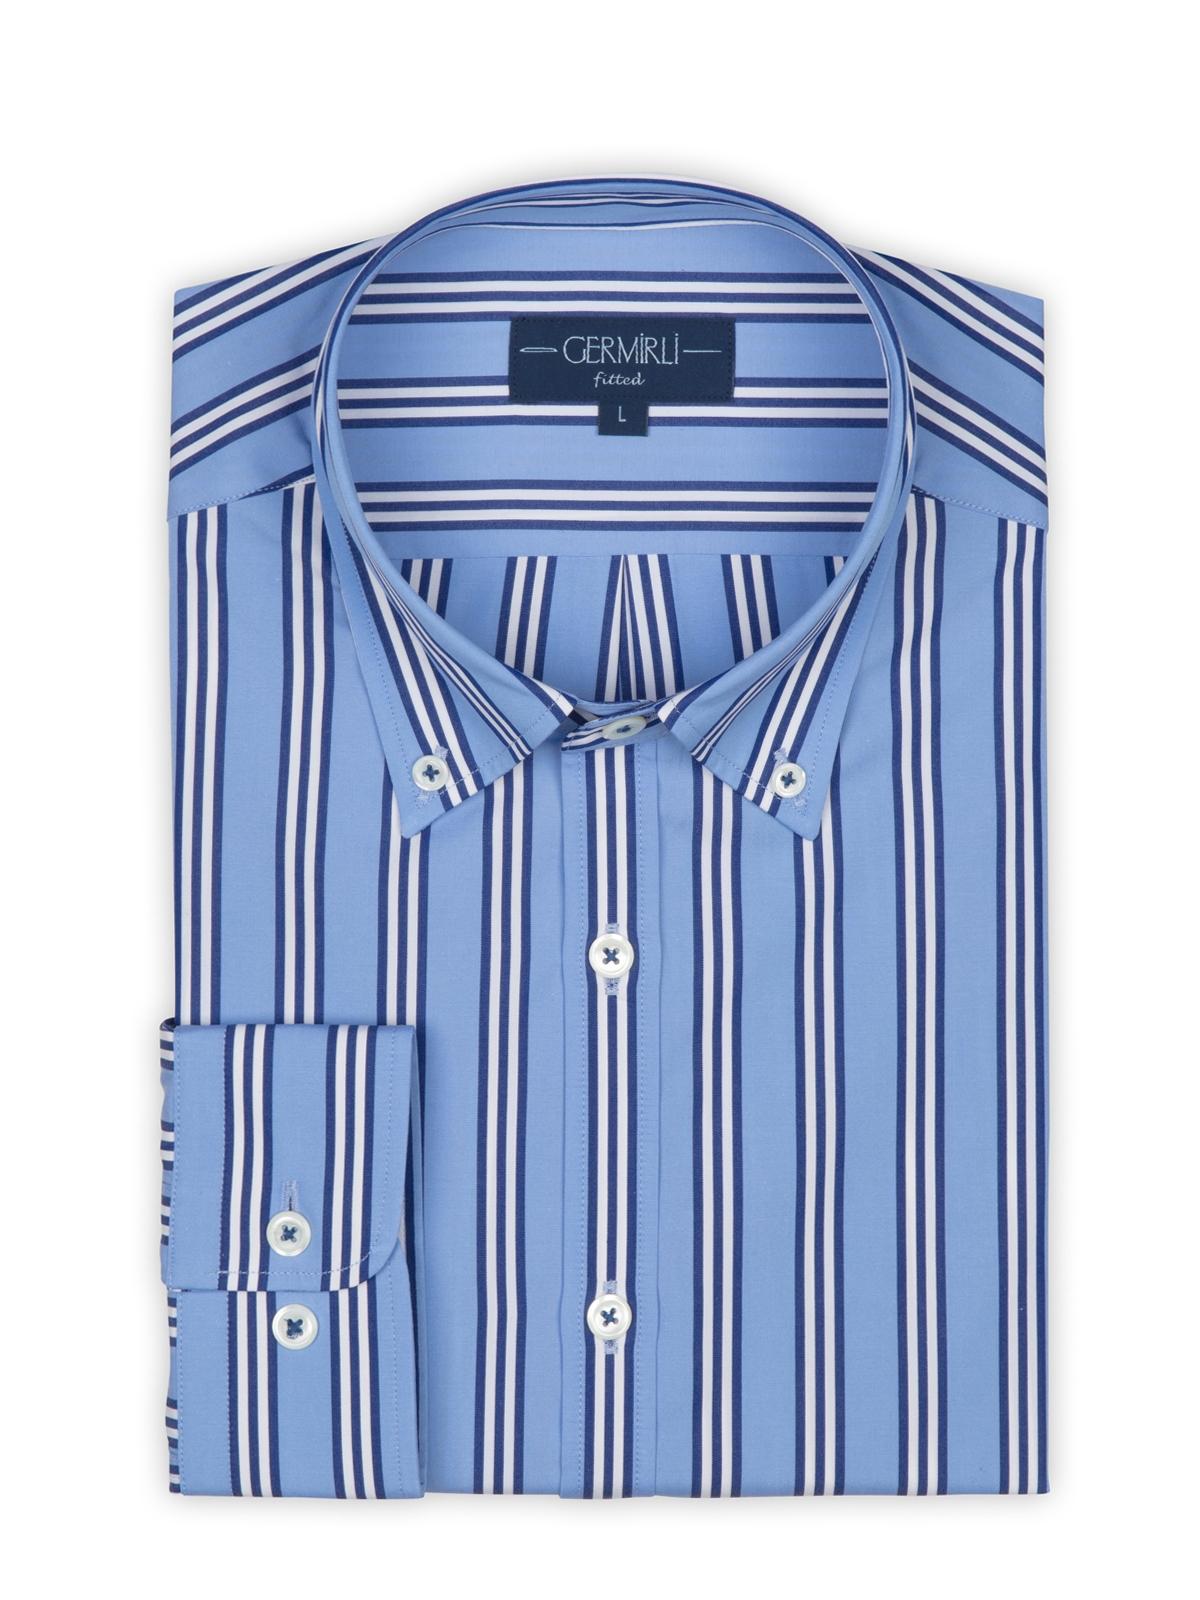 Germirli Mavi Lacivert Beyaz Çizgili Düğmeli Yaka Tailor Fit Gömlek